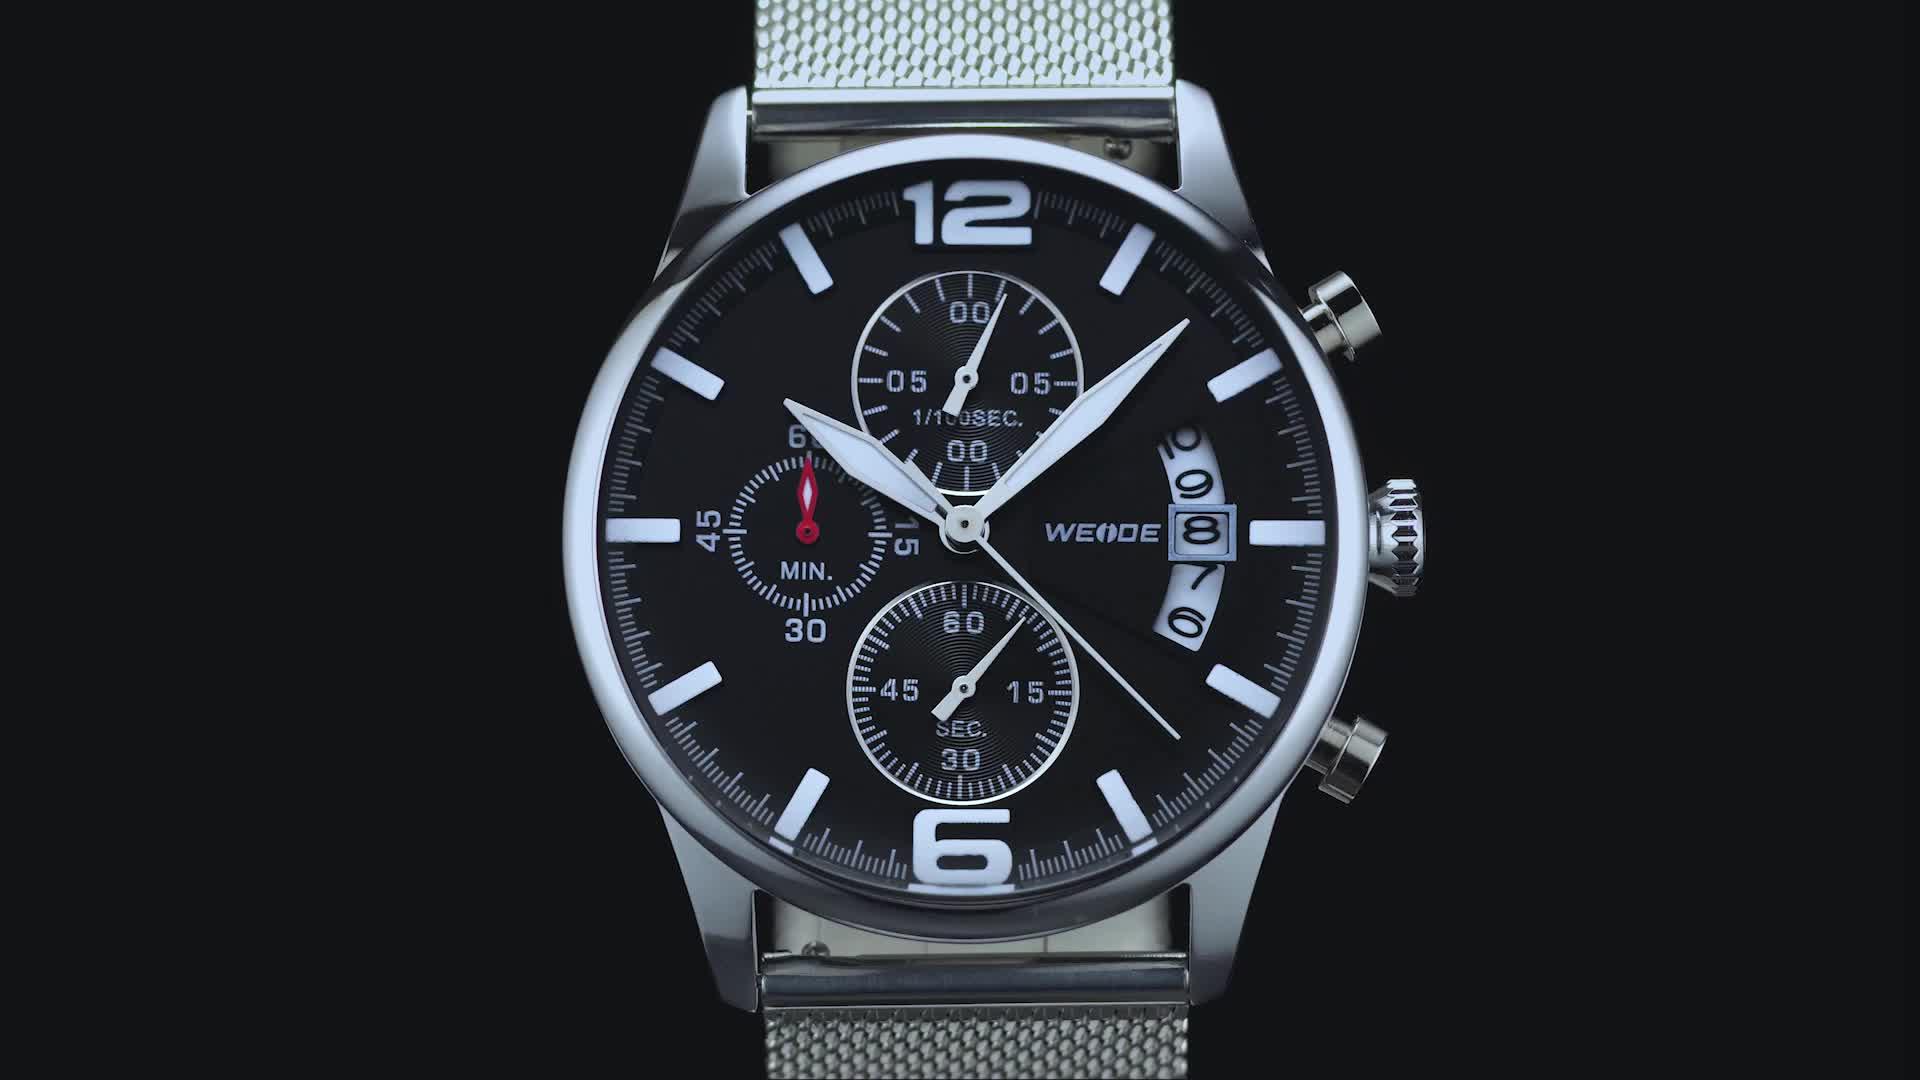 WEIDE 2019 العلامة التجارية الفاخرة الرجال ساعة كوارتز es شبكة الفولاذ المقاوم للصدأ سوار فولاذي سبائك ساعة كوارتز للرجال